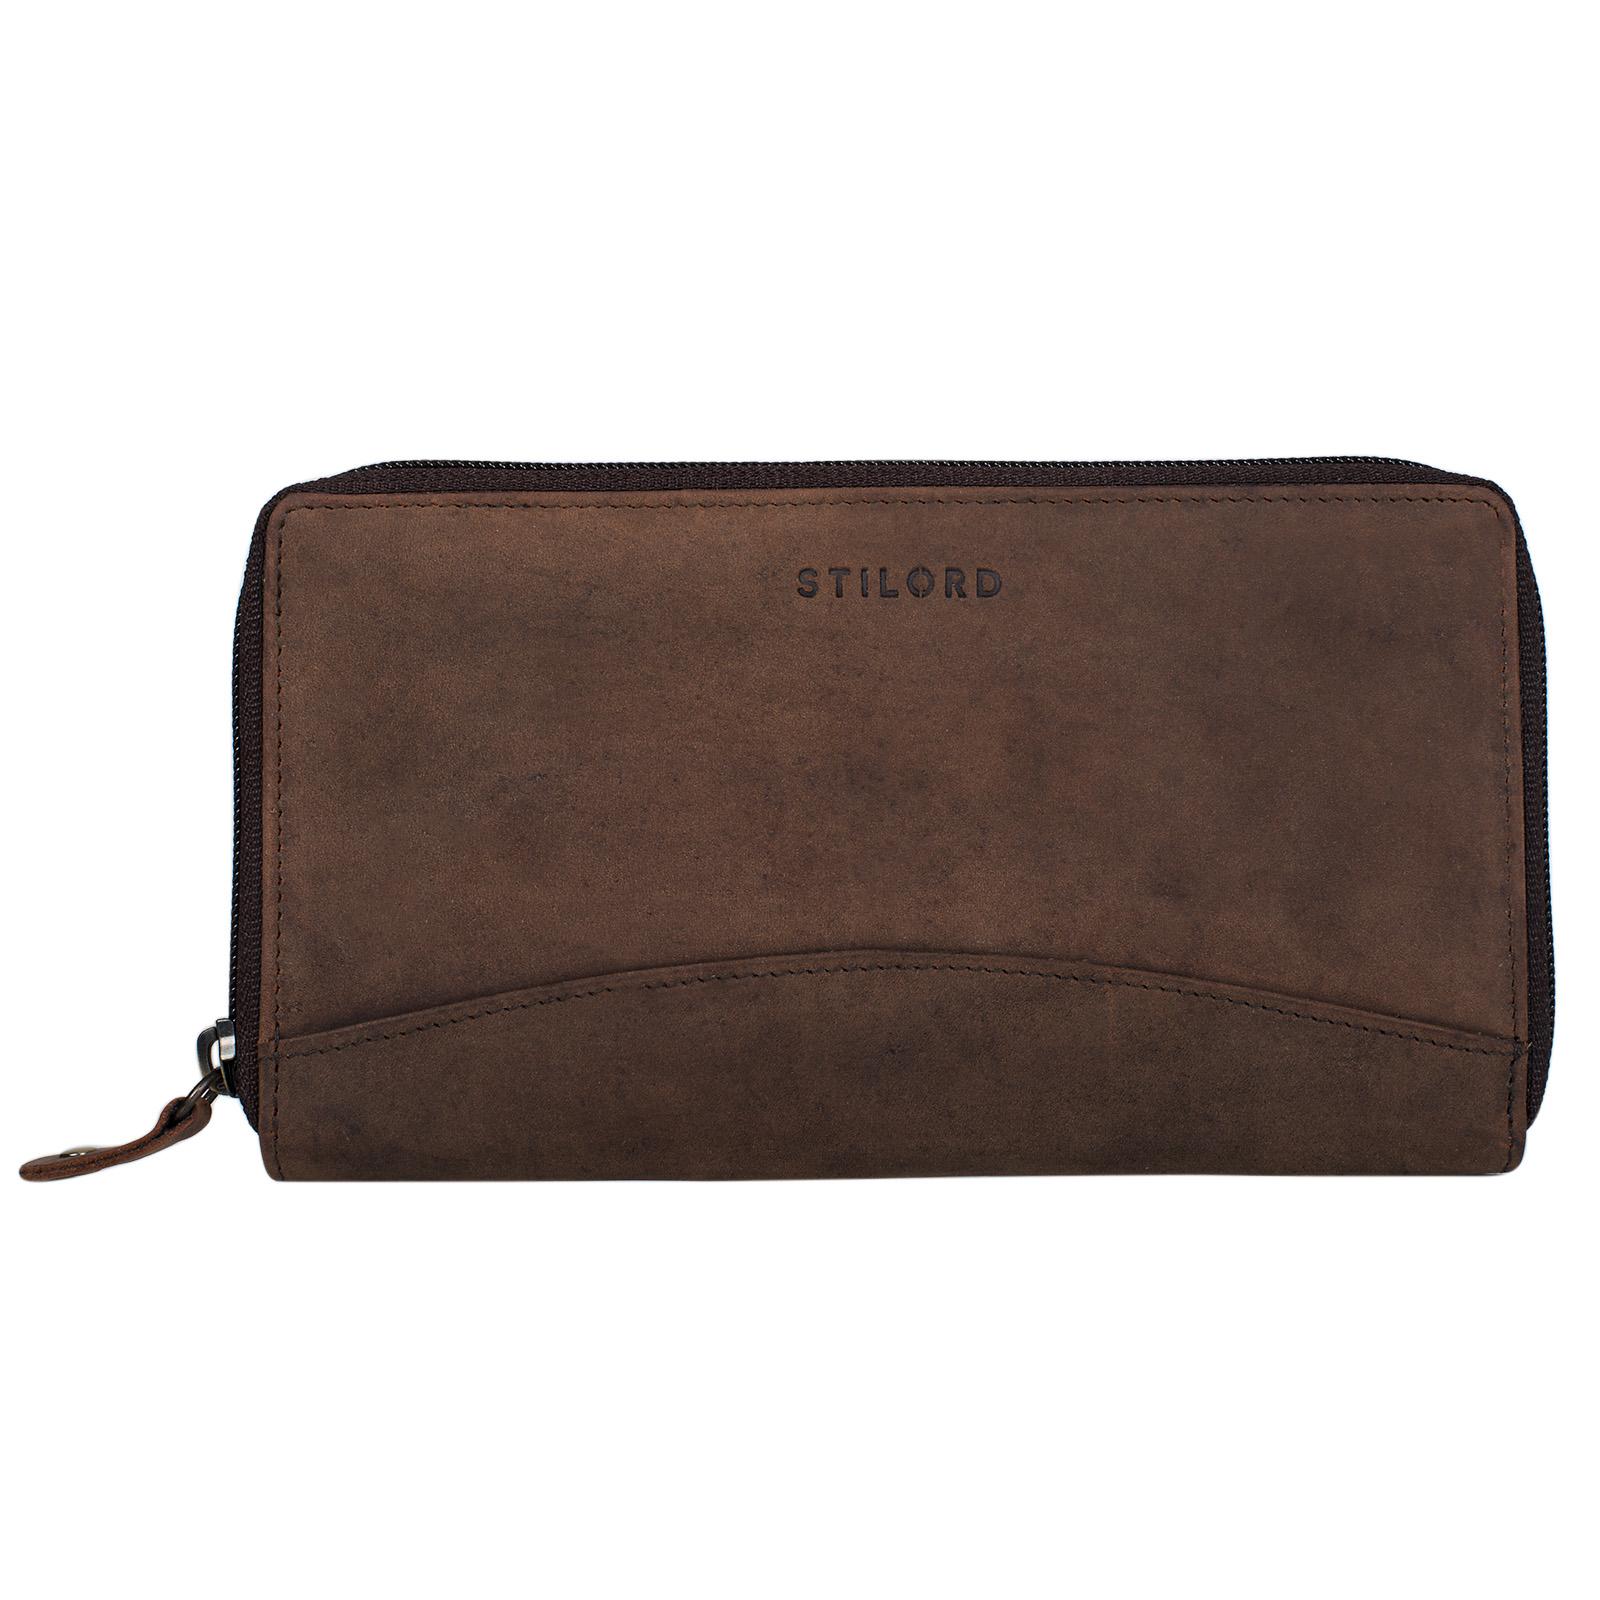 """STILORD """"Saskia"""" Portemonnaie Damen Leder groß viele Fächer Vintage Brieftasche im Querformat Geldbörse mit Reißverschluss für EC-Karten Kleingeld Ausweis - Bild 21"""